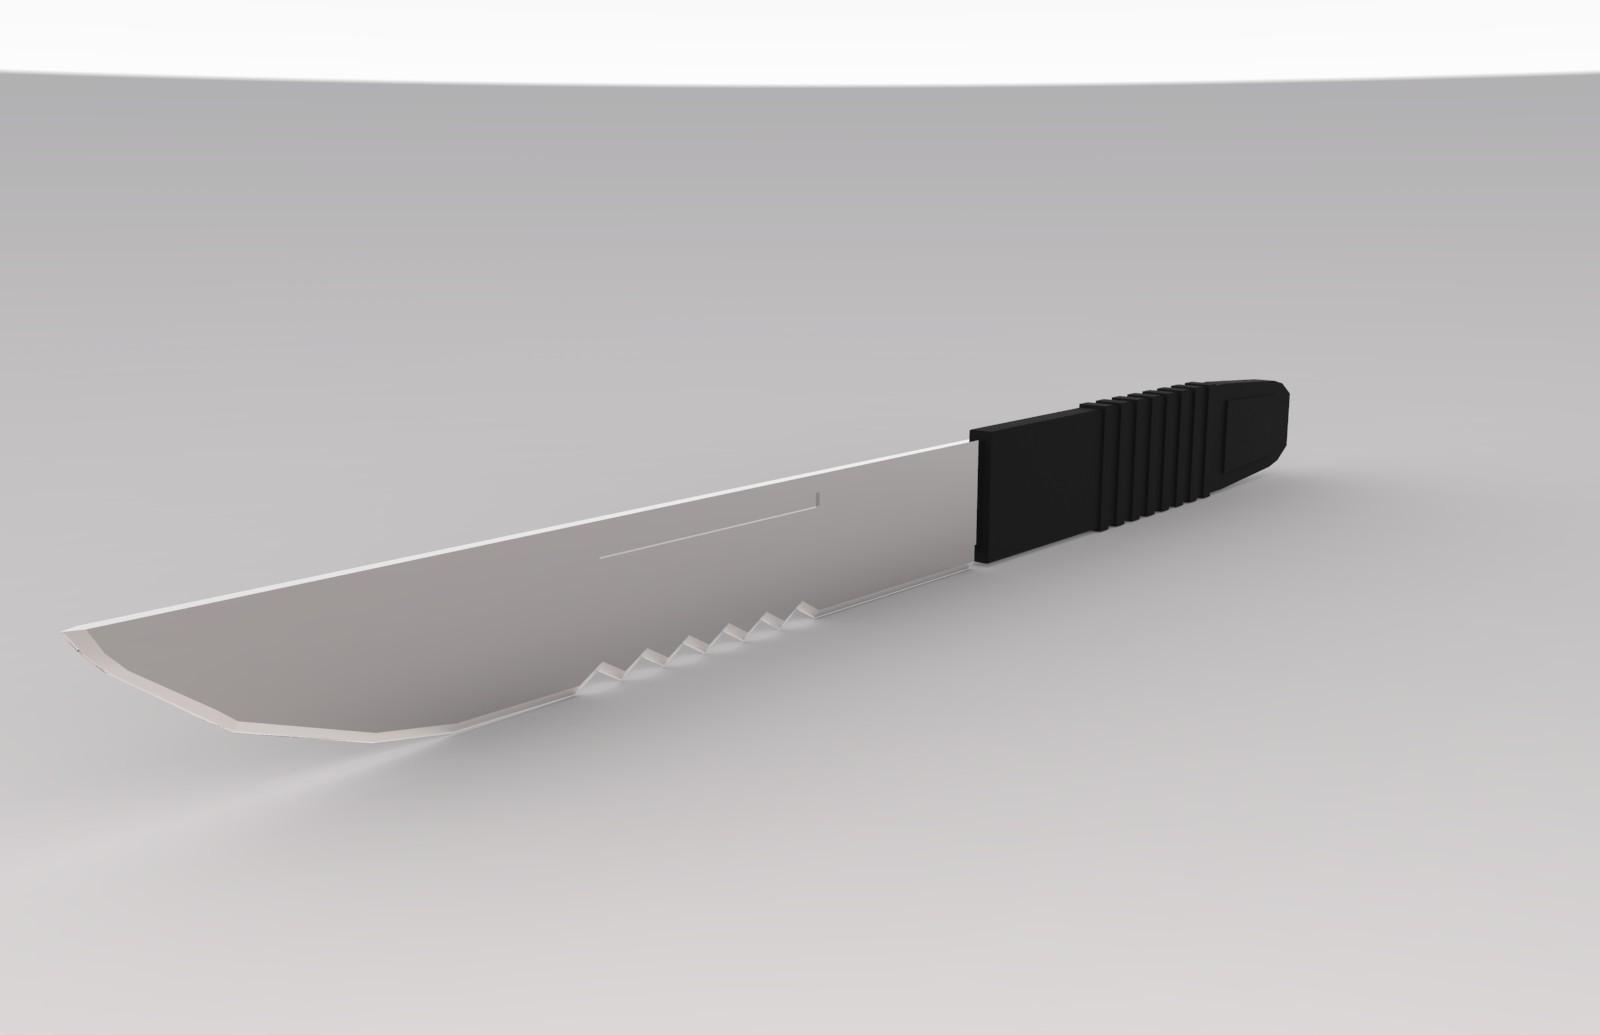 Rajesh sawant army knife